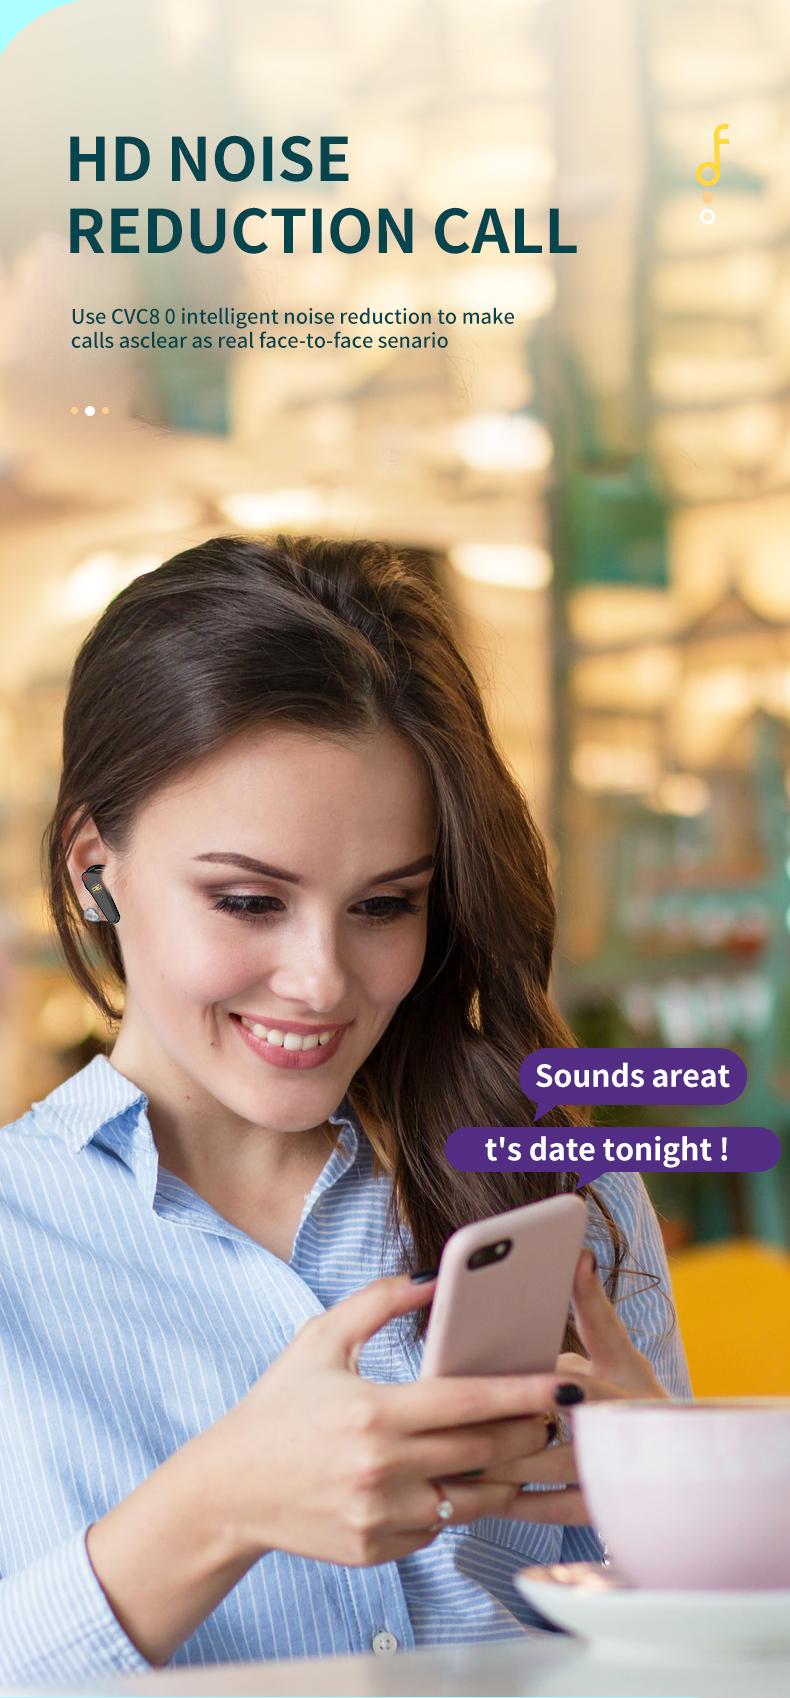 Tai Nghe Bluetooth V5.0 True Wireless Không Dây Reroka Torpedo 2021 Cảm Ứng Vân Tay Âm Thanh Hi-Fi  Bass Căng Trầm Pin Trâu Hiển Thị Mức Pin Đèn Led Chống Ồn Chống Nước Đổi Tên Thiết Bị Kiểu Giáng Thể Thao Đeo Chắc Tai 3 Màu Trắng Hồng Đen- Hàng Chính Hãng 5